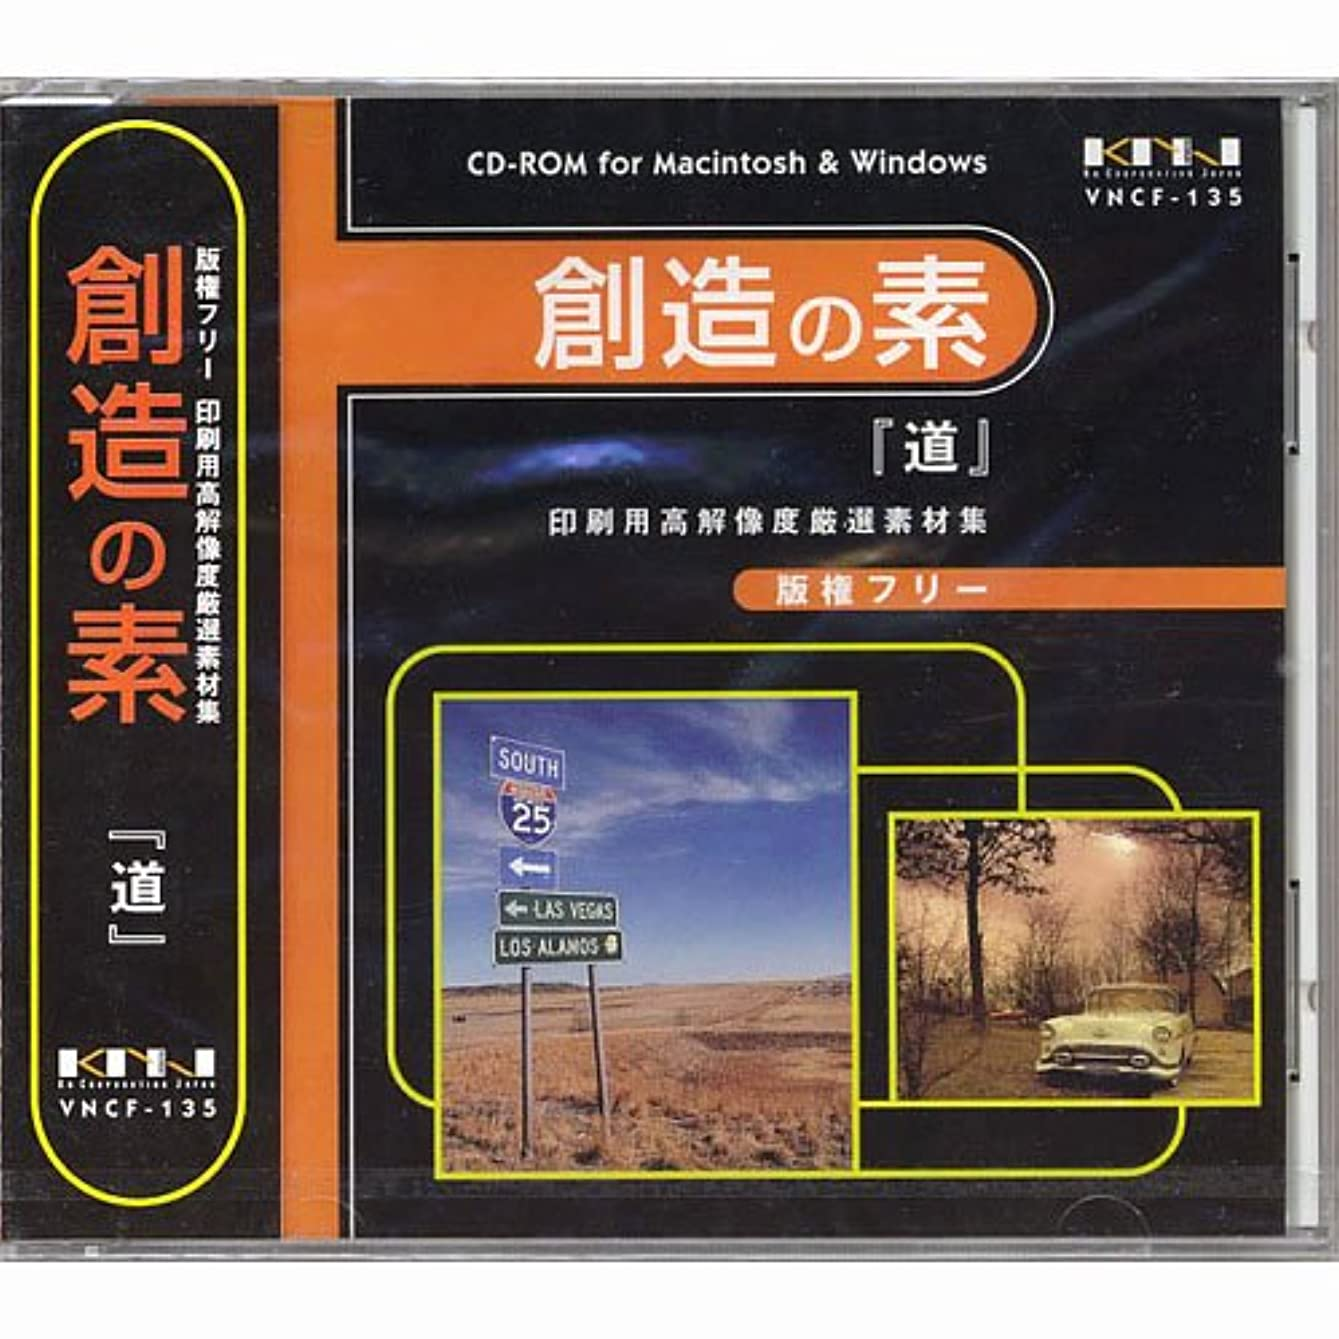 創造の素「道」 版権フリー印刷用高解像度厳選素材集